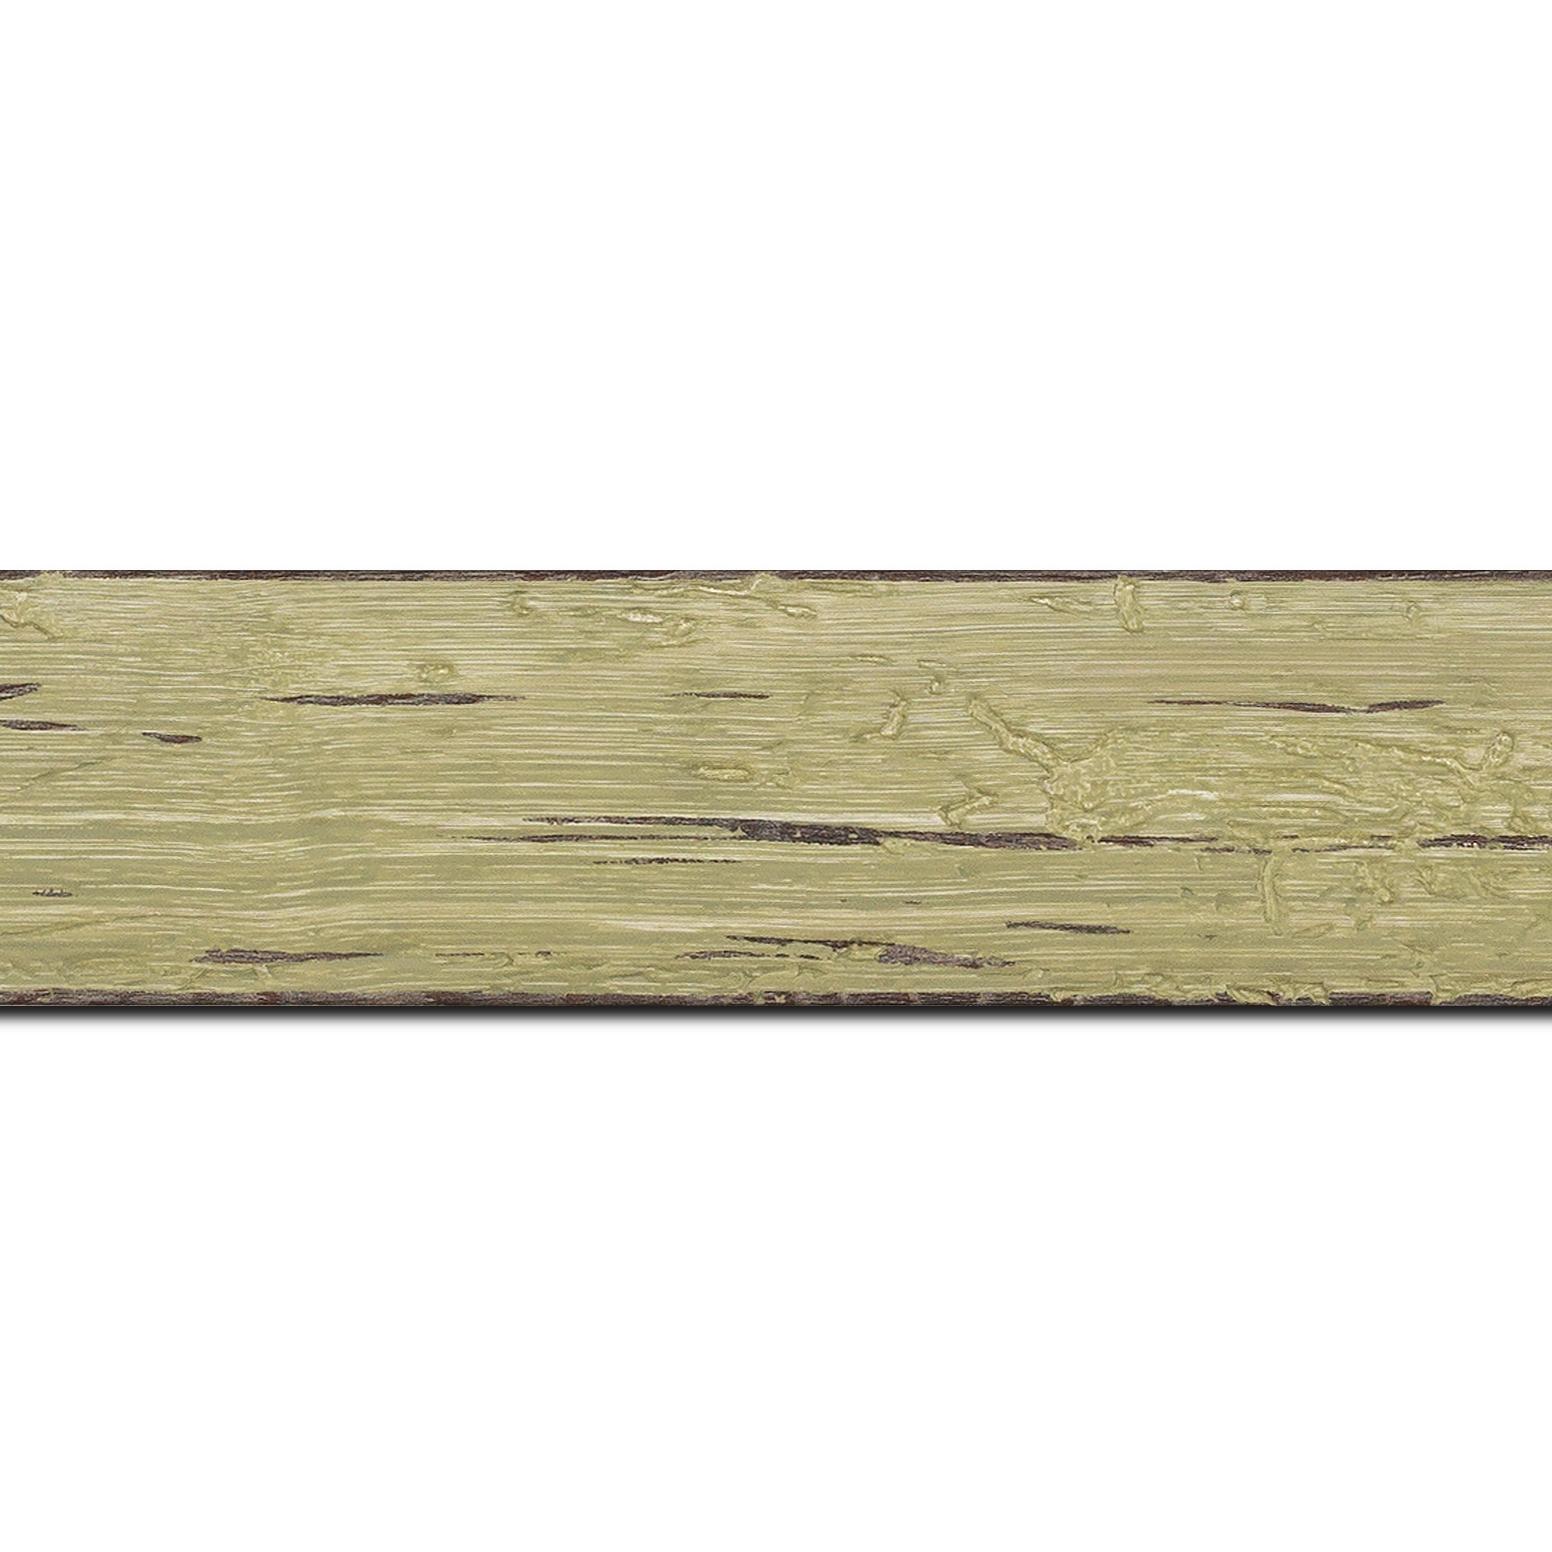 Baguette longueur 1.40m bois profil plat largeur 4.3cm couleur vert délavé finition aspect vieilli antique